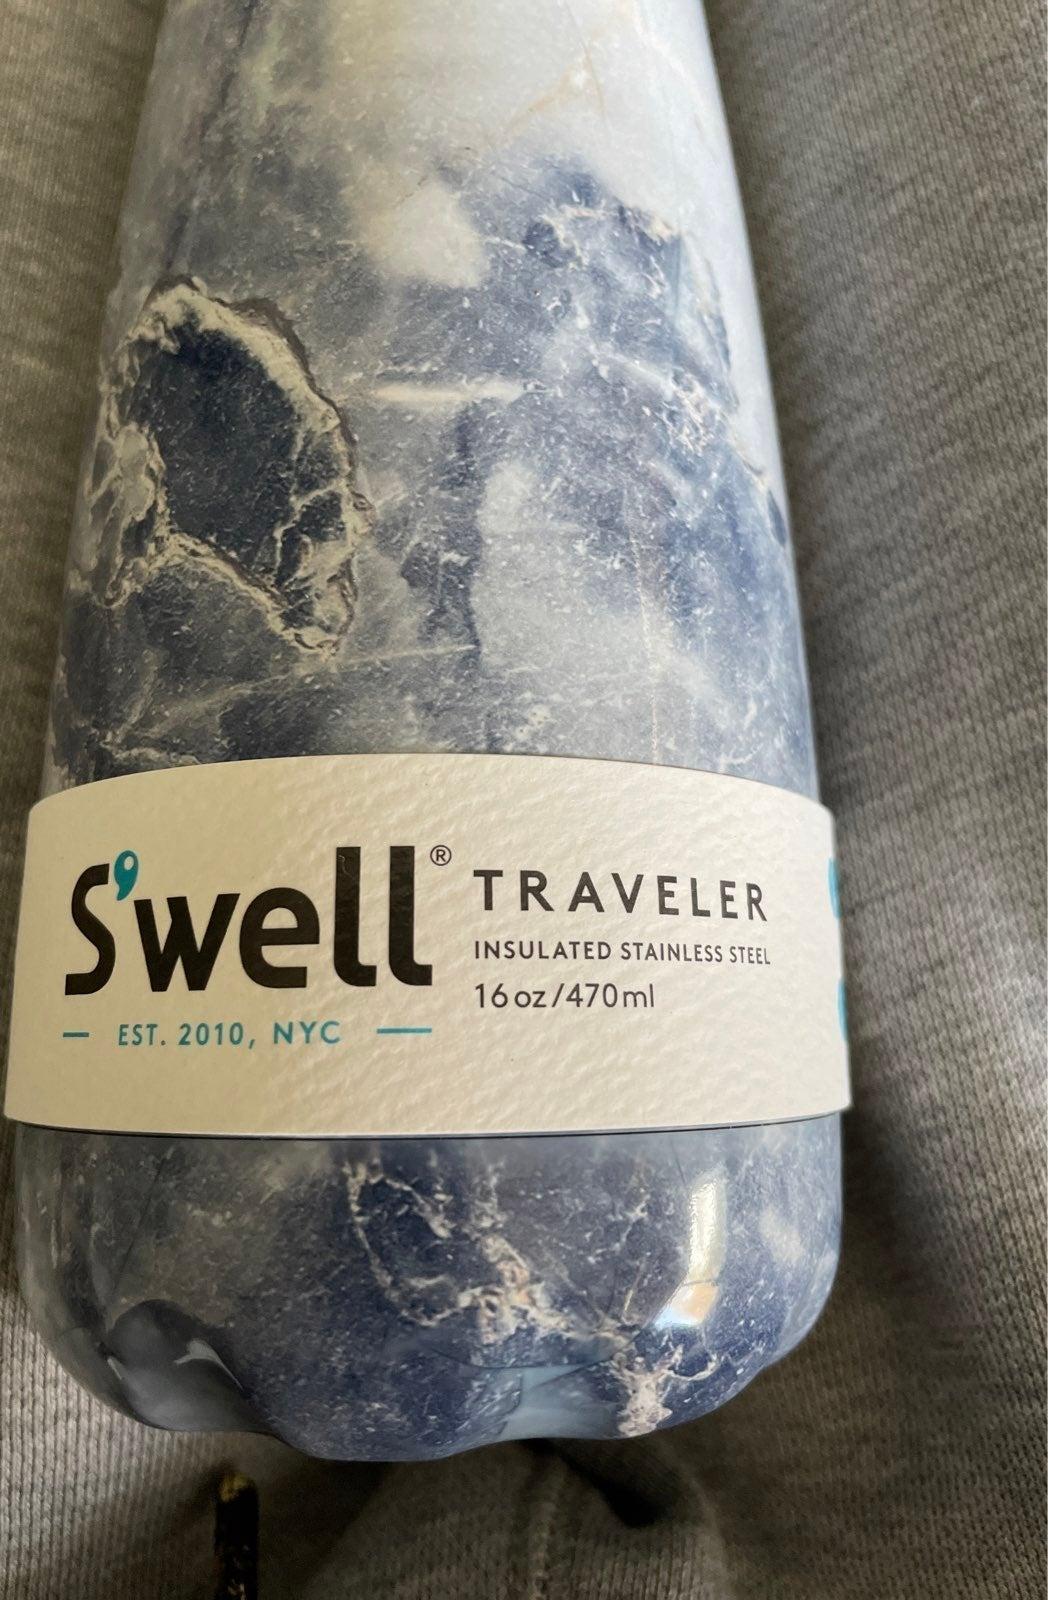 Swell traveler 16oz